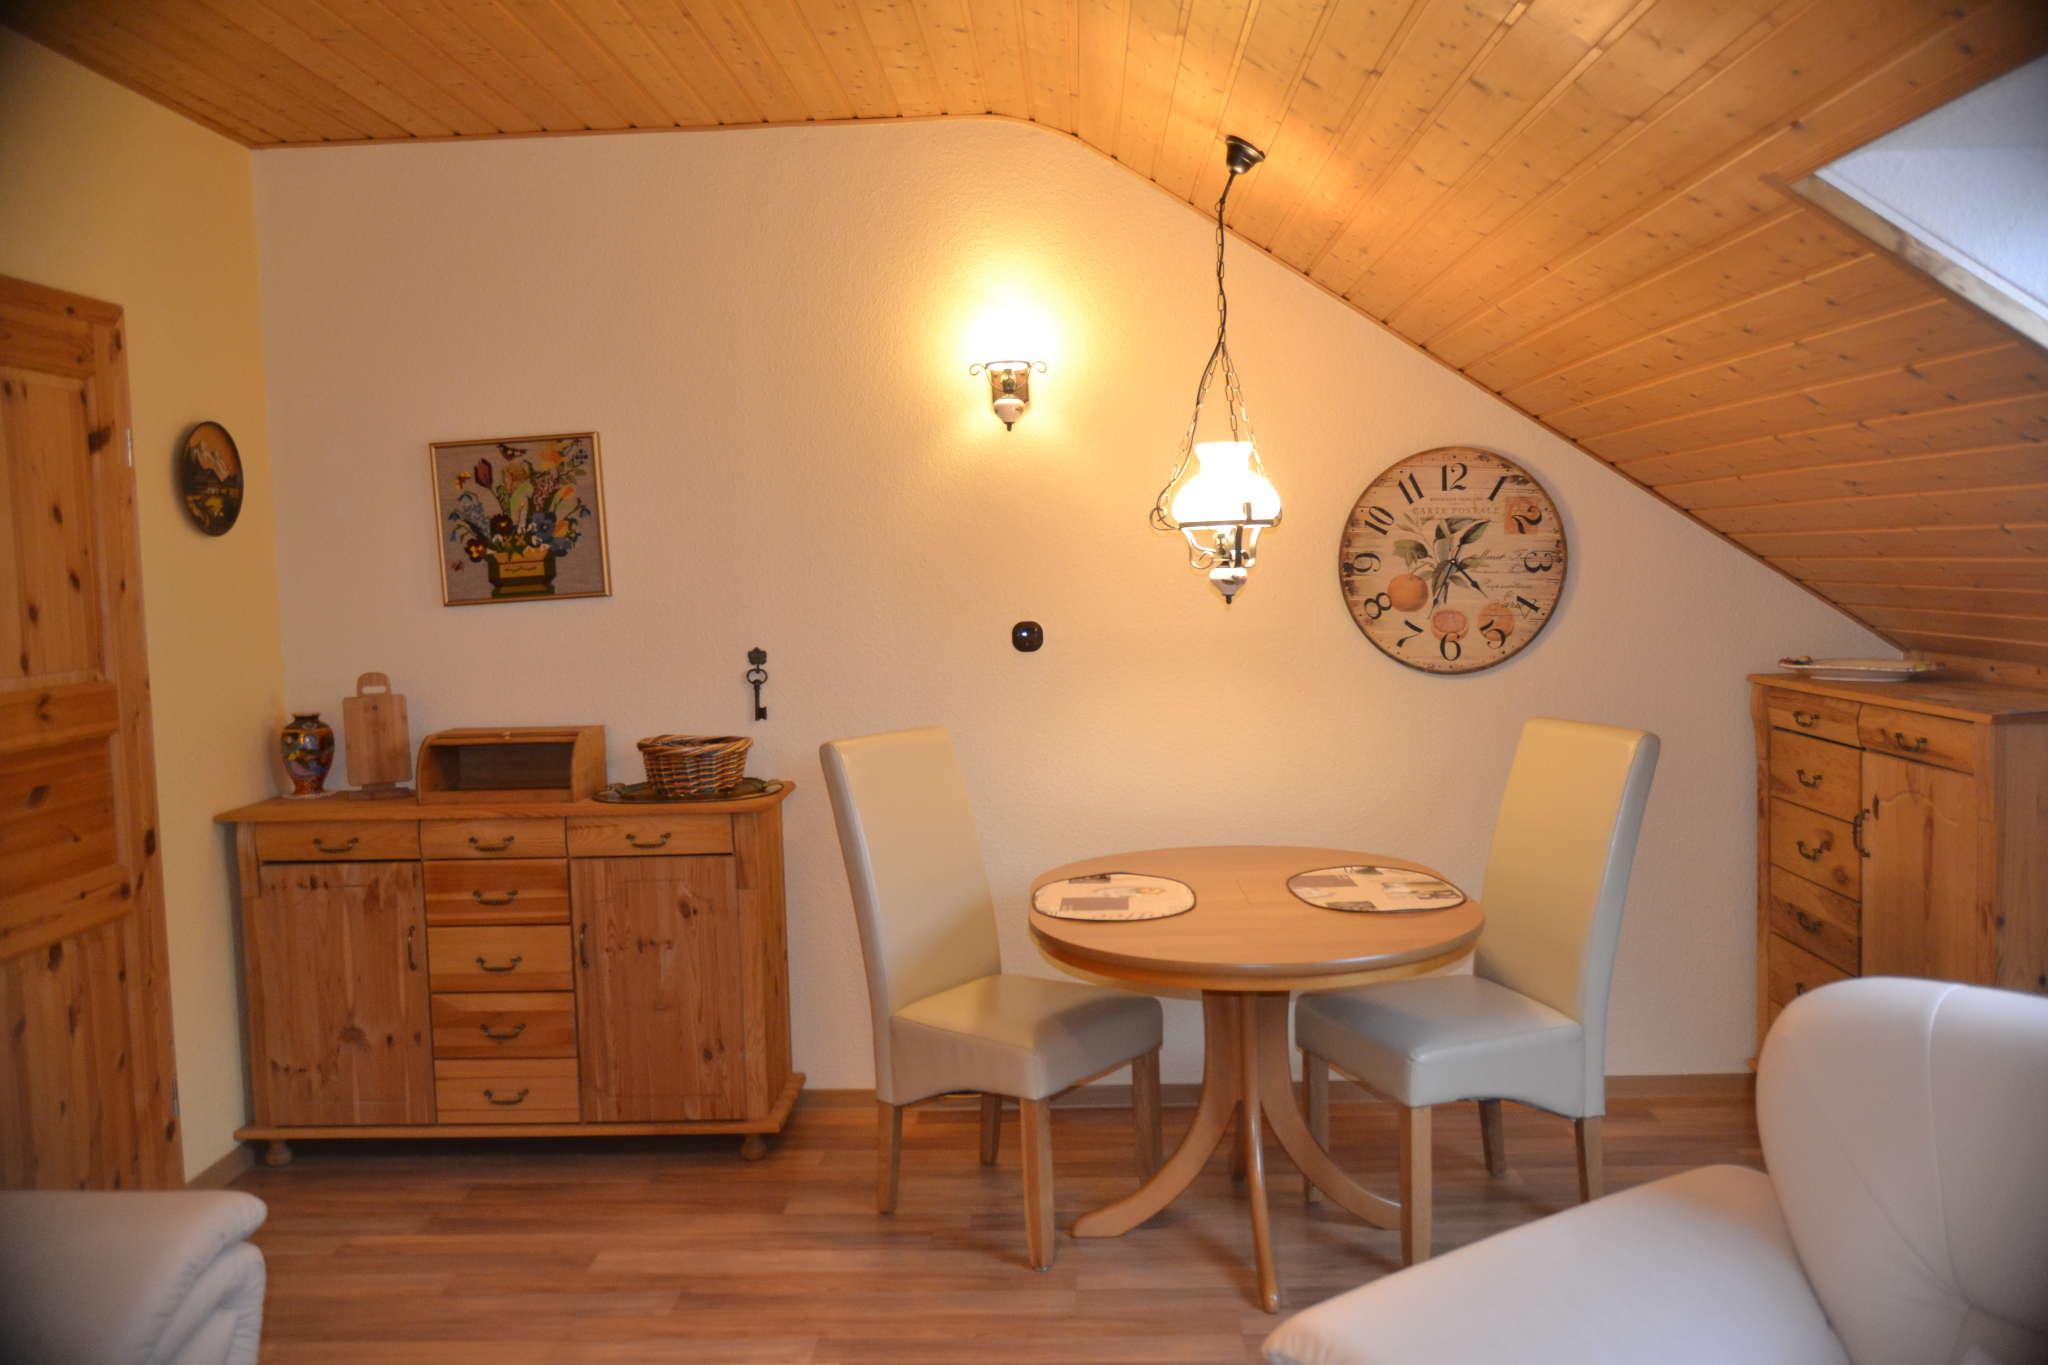 Zusatzbild Nr. 13 von Haus Moser - Ferienwohnung Wildensee